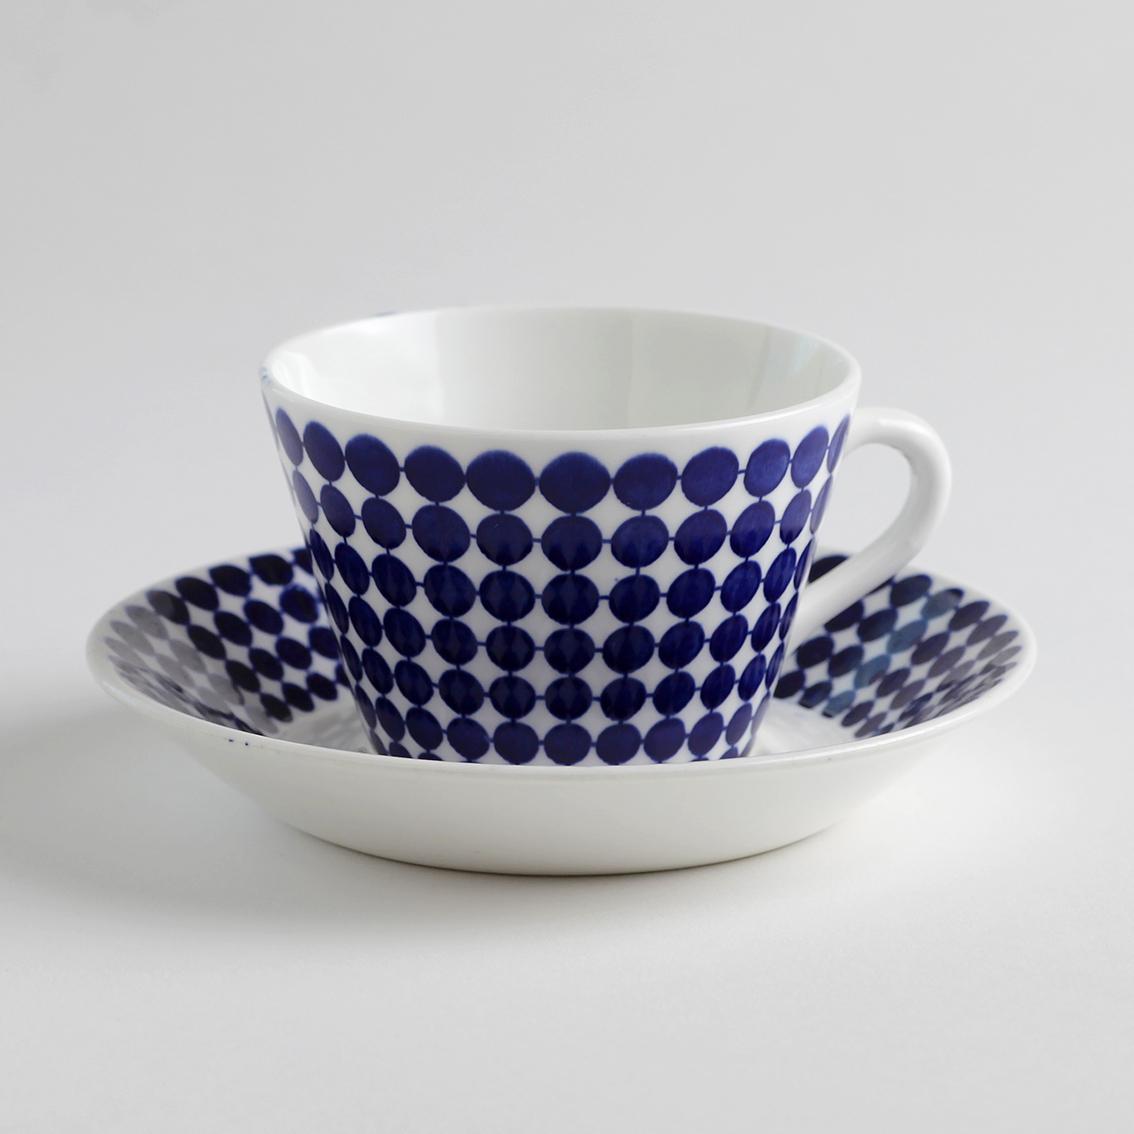 Gustavsberg グスタフスベリ Adam アダム 80mmコーヒーカップ&ソーサー - 3 北欧ヴィンテージ